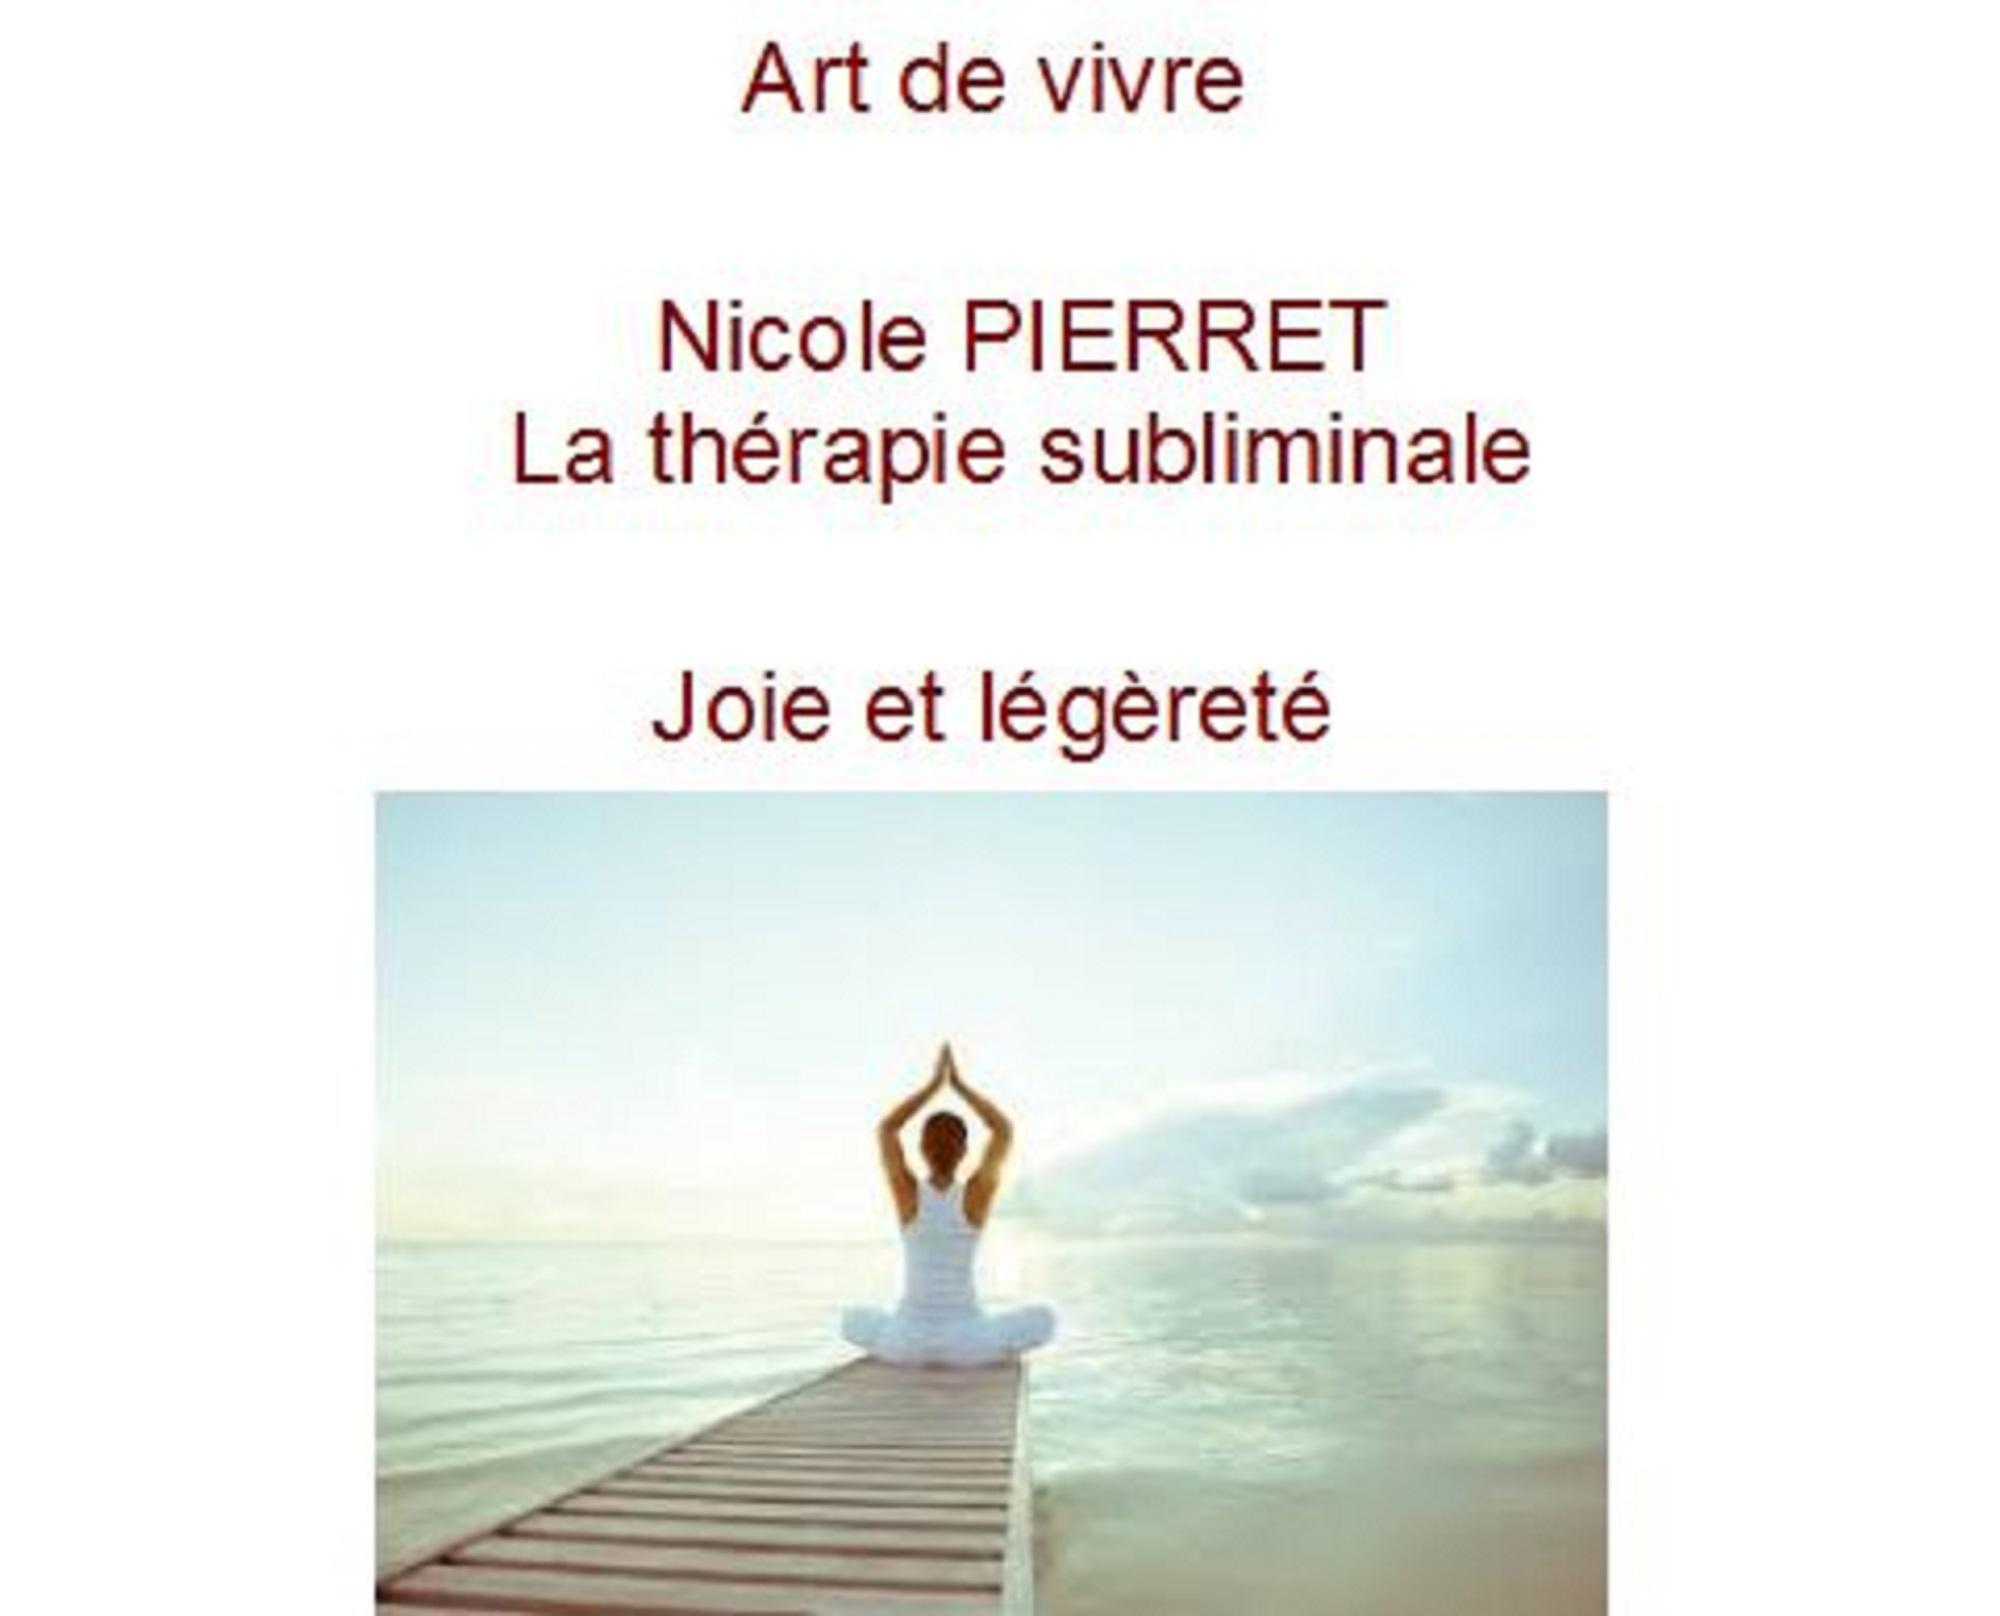 art de vivre-joie la thérapie subliminale nicole pierret.JPG